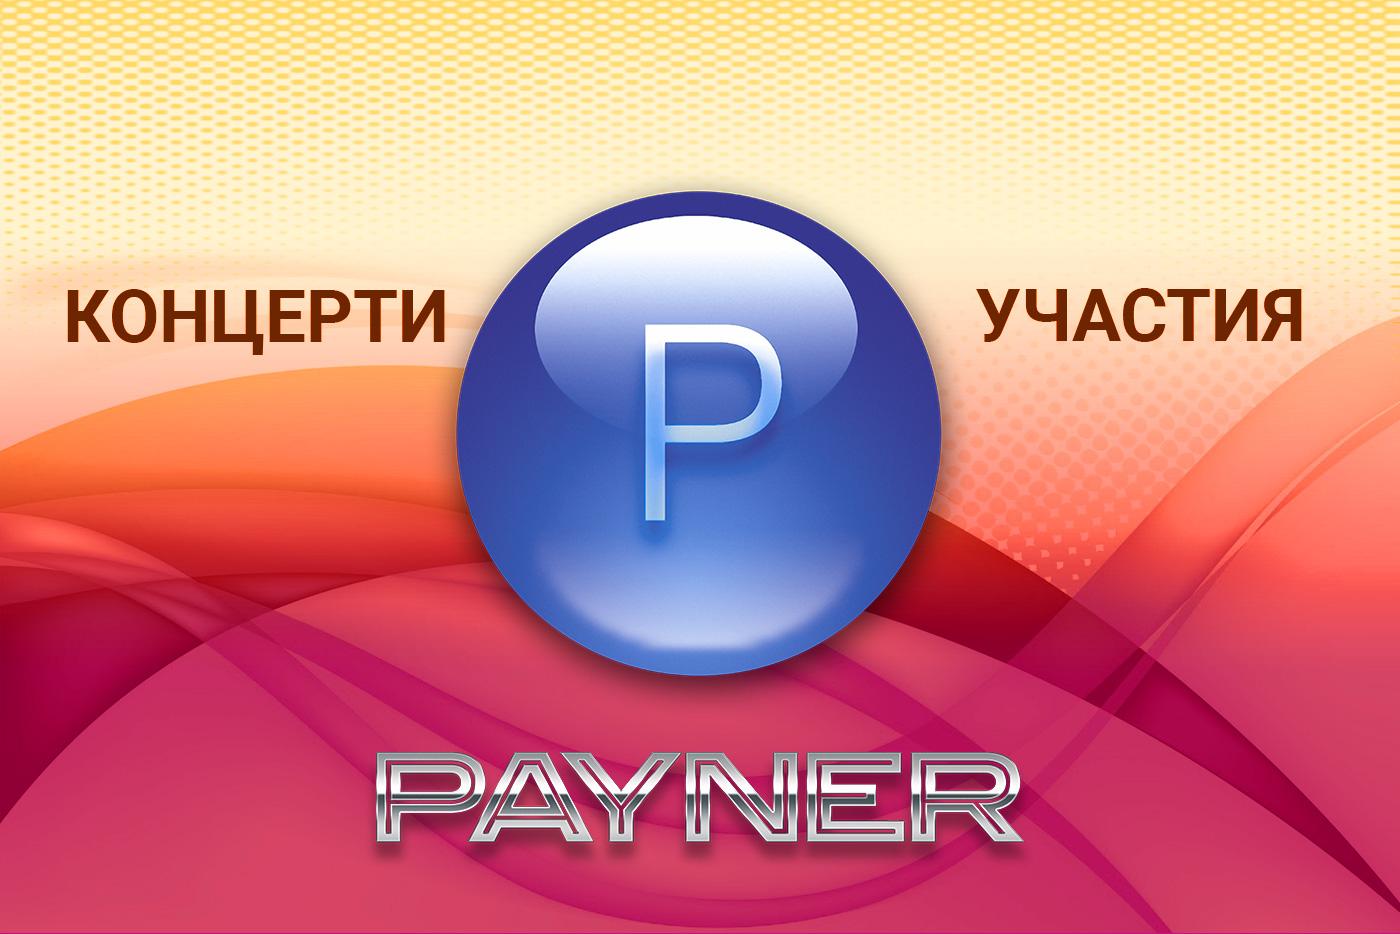 """Участия на звездите на """"Пайнер"""" на 25.08.2018"""